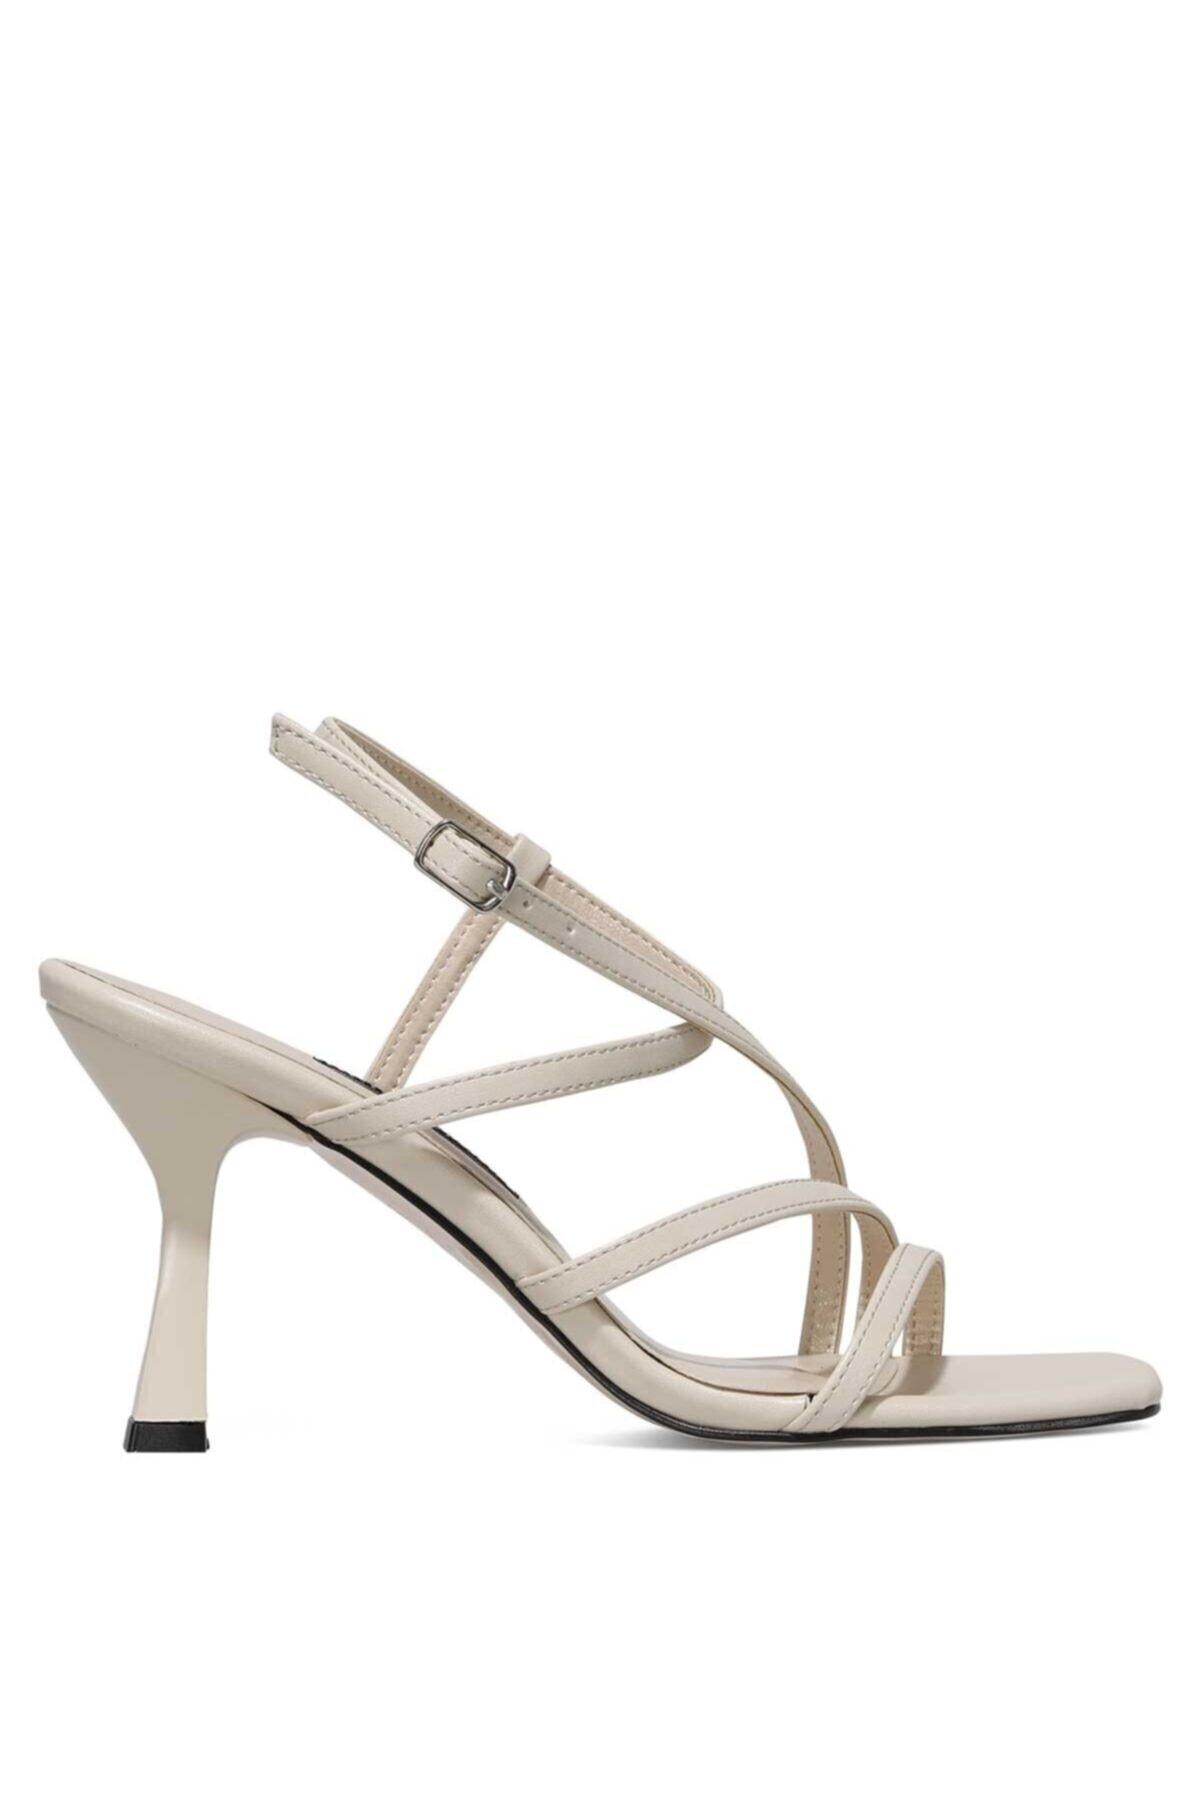 Rıa 1fx Bej Kadın Topuklu Ayakkabı